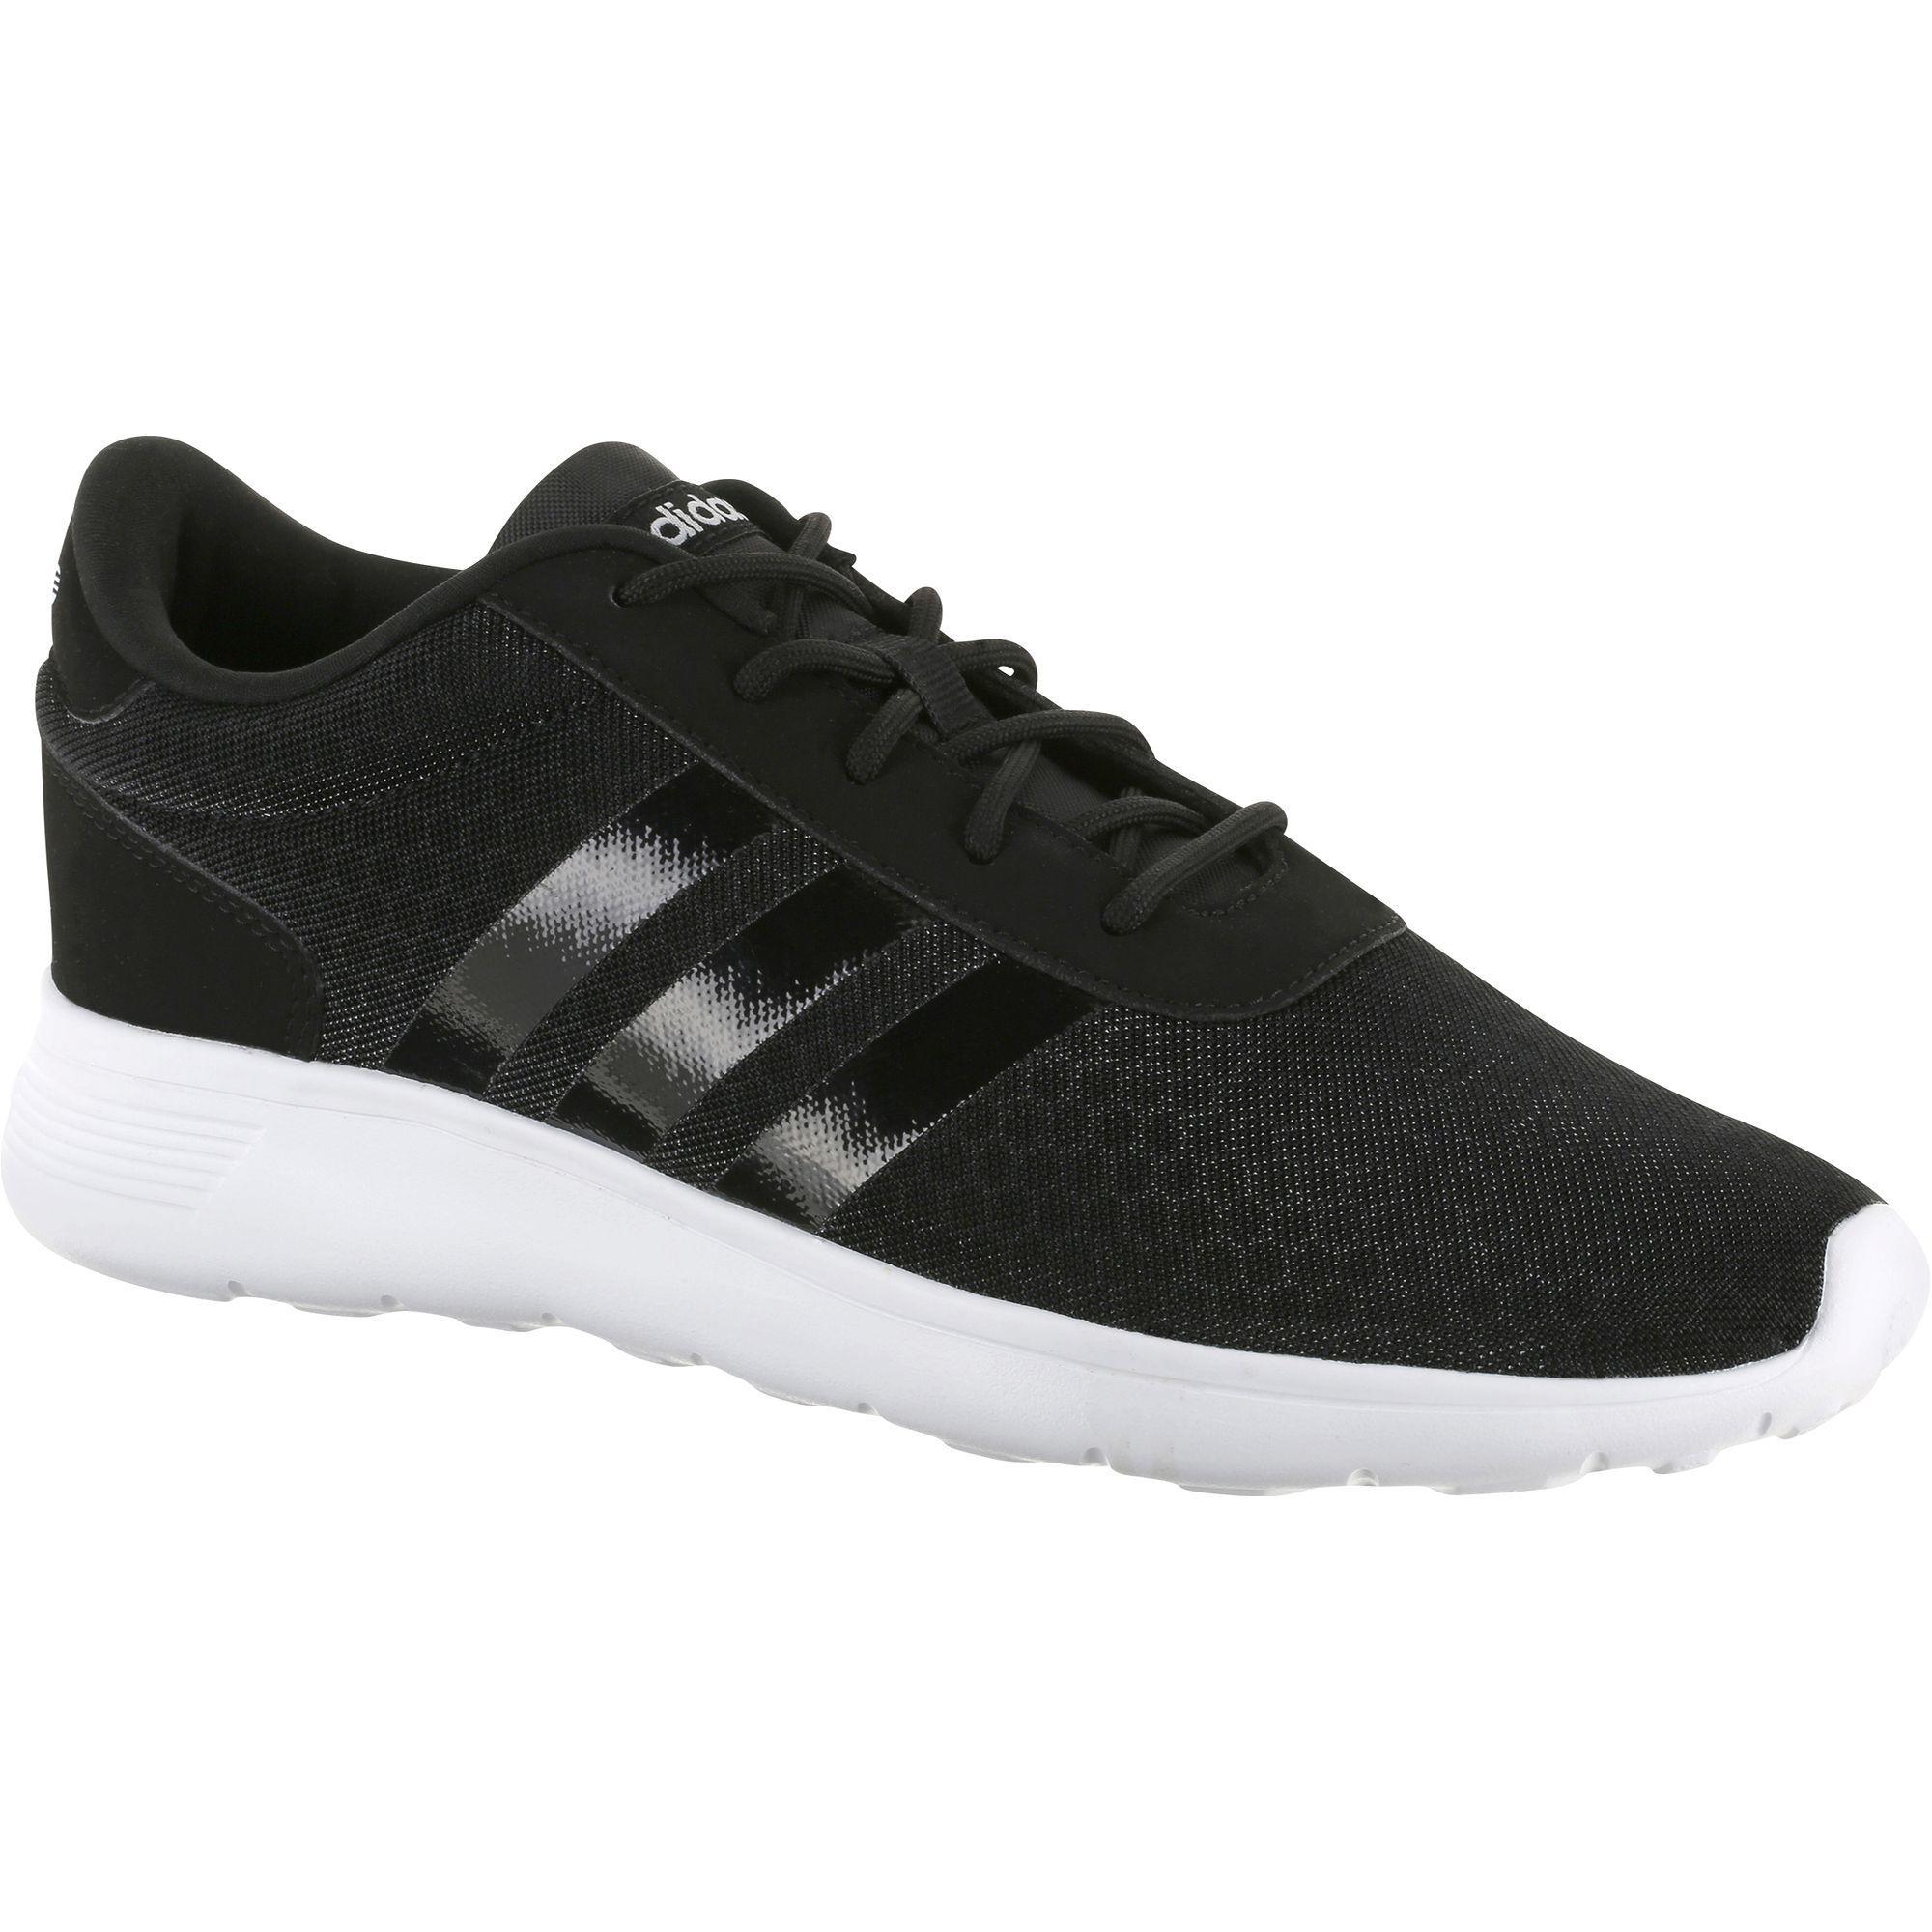 7466c4fe8 Adidas